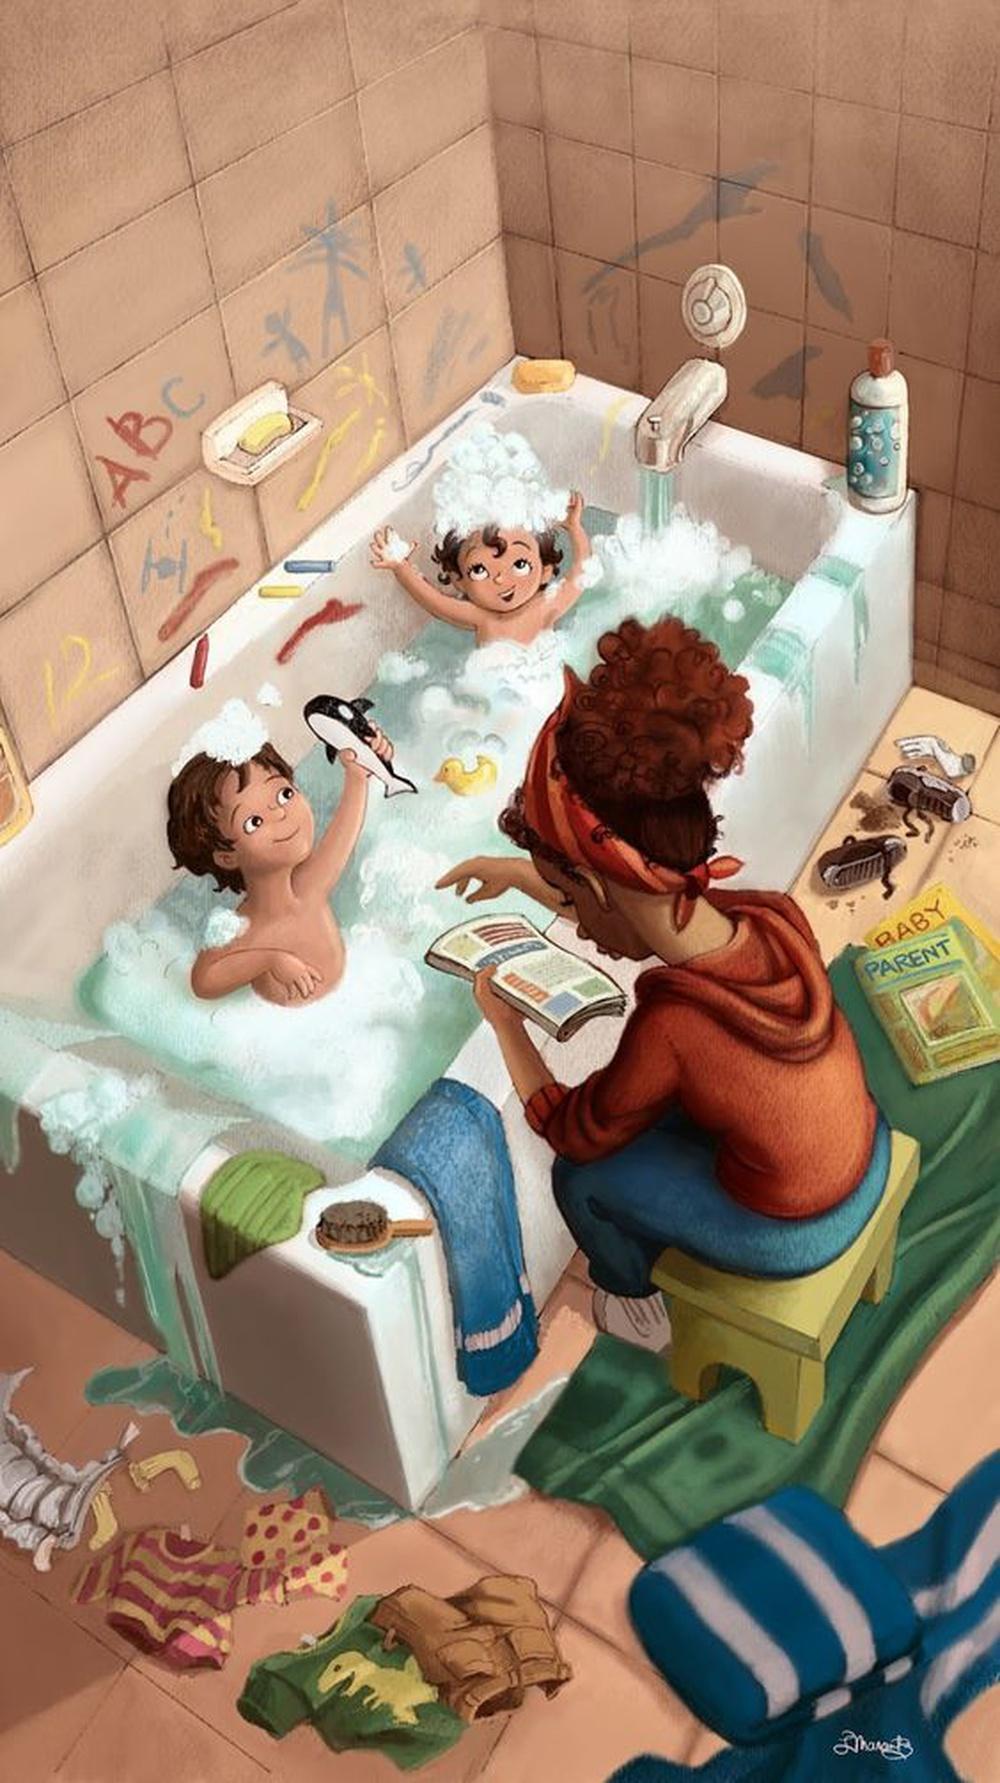 Le jeu est essentiel au développement de l'enfant